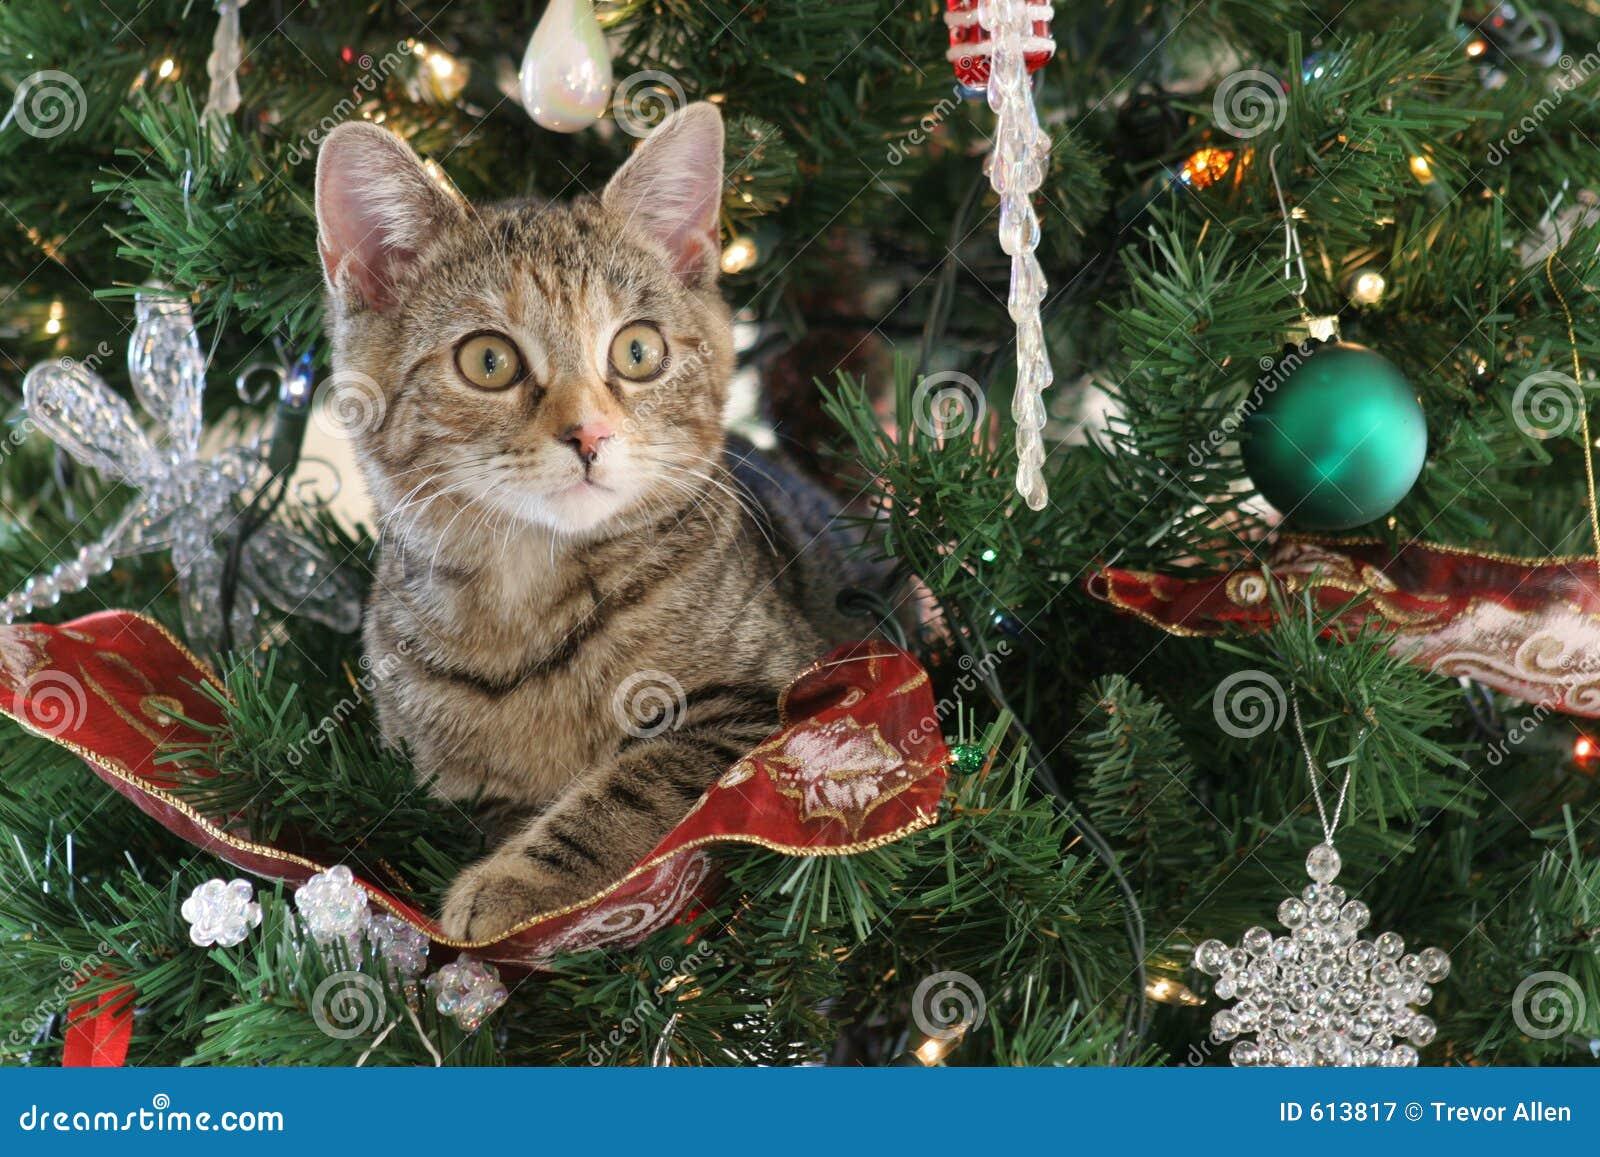 Кот возле елки фото